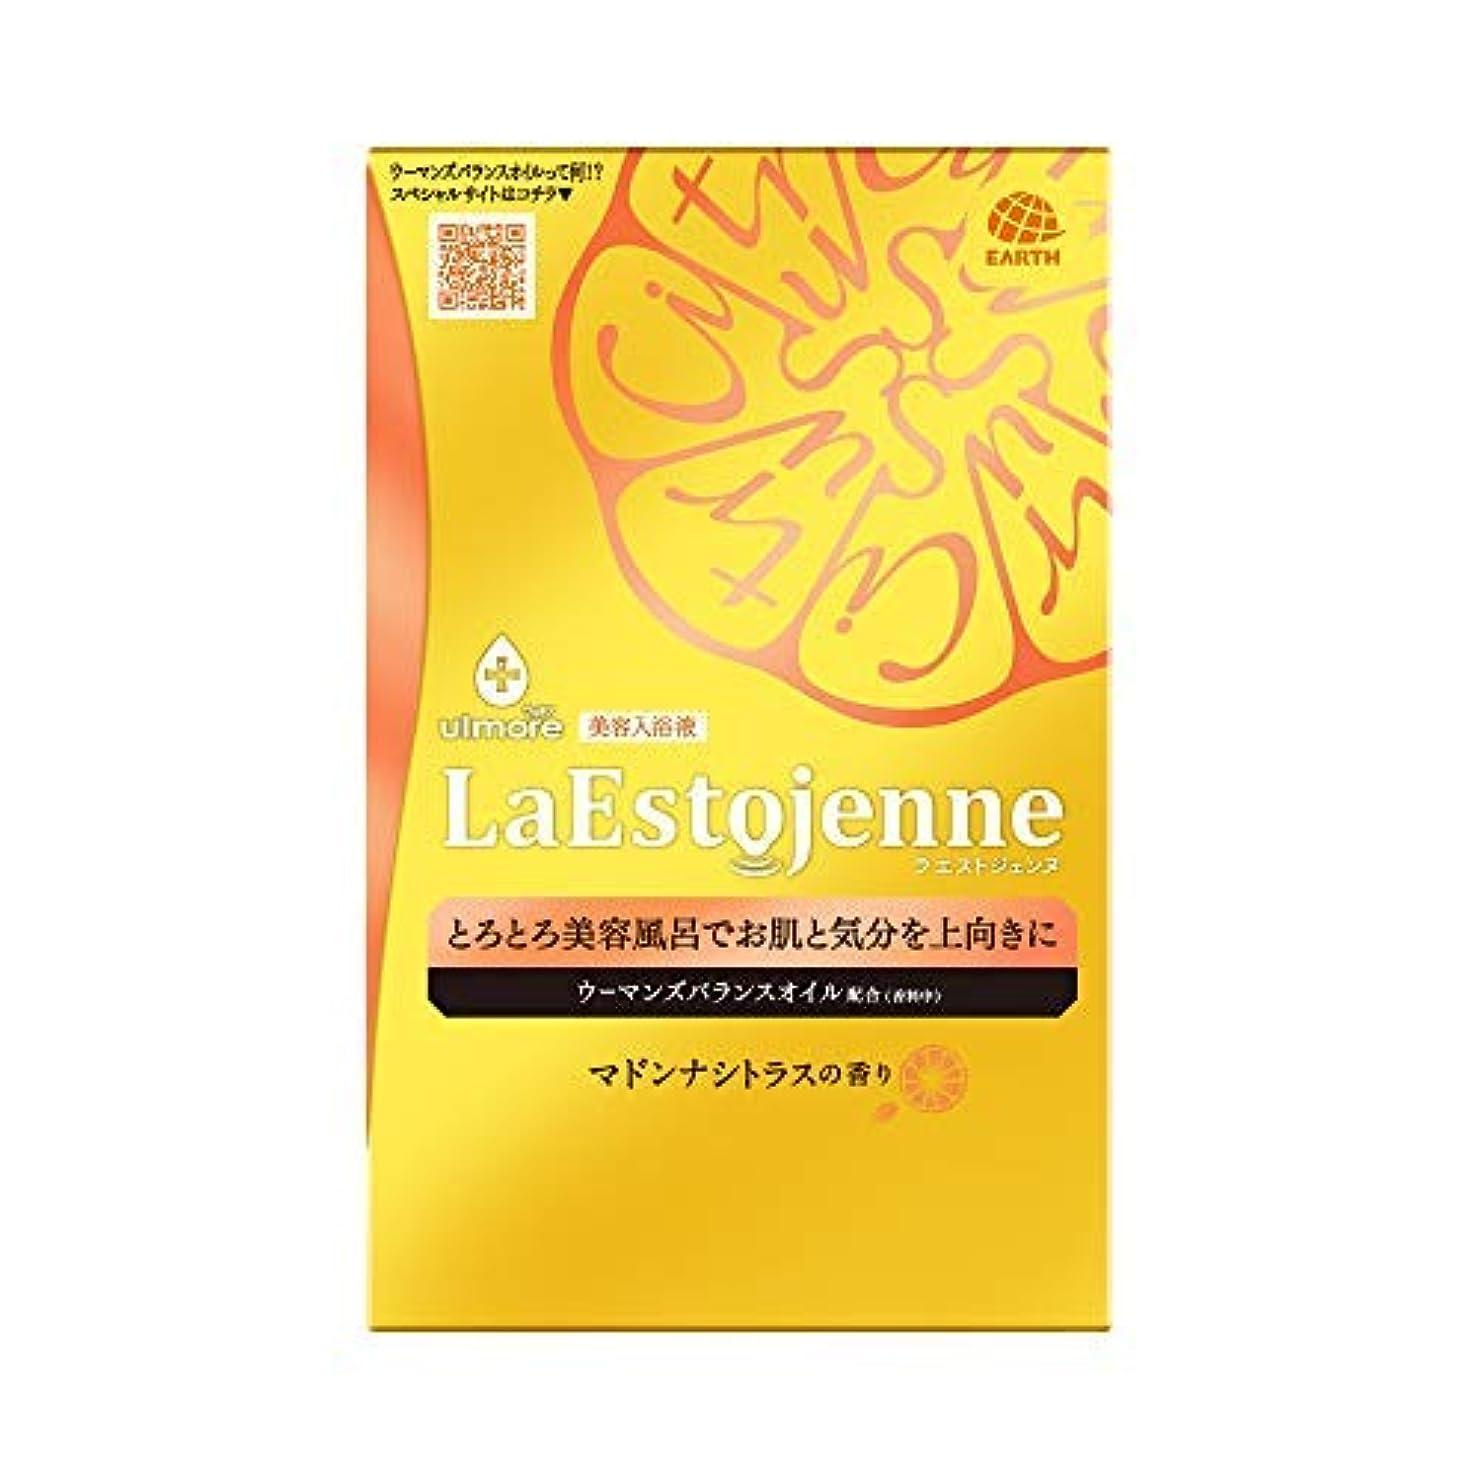 輸血レトルトバリーウルモア ラエストジェンヌ マドンナシトラスの香り 3包入り × 4個セット